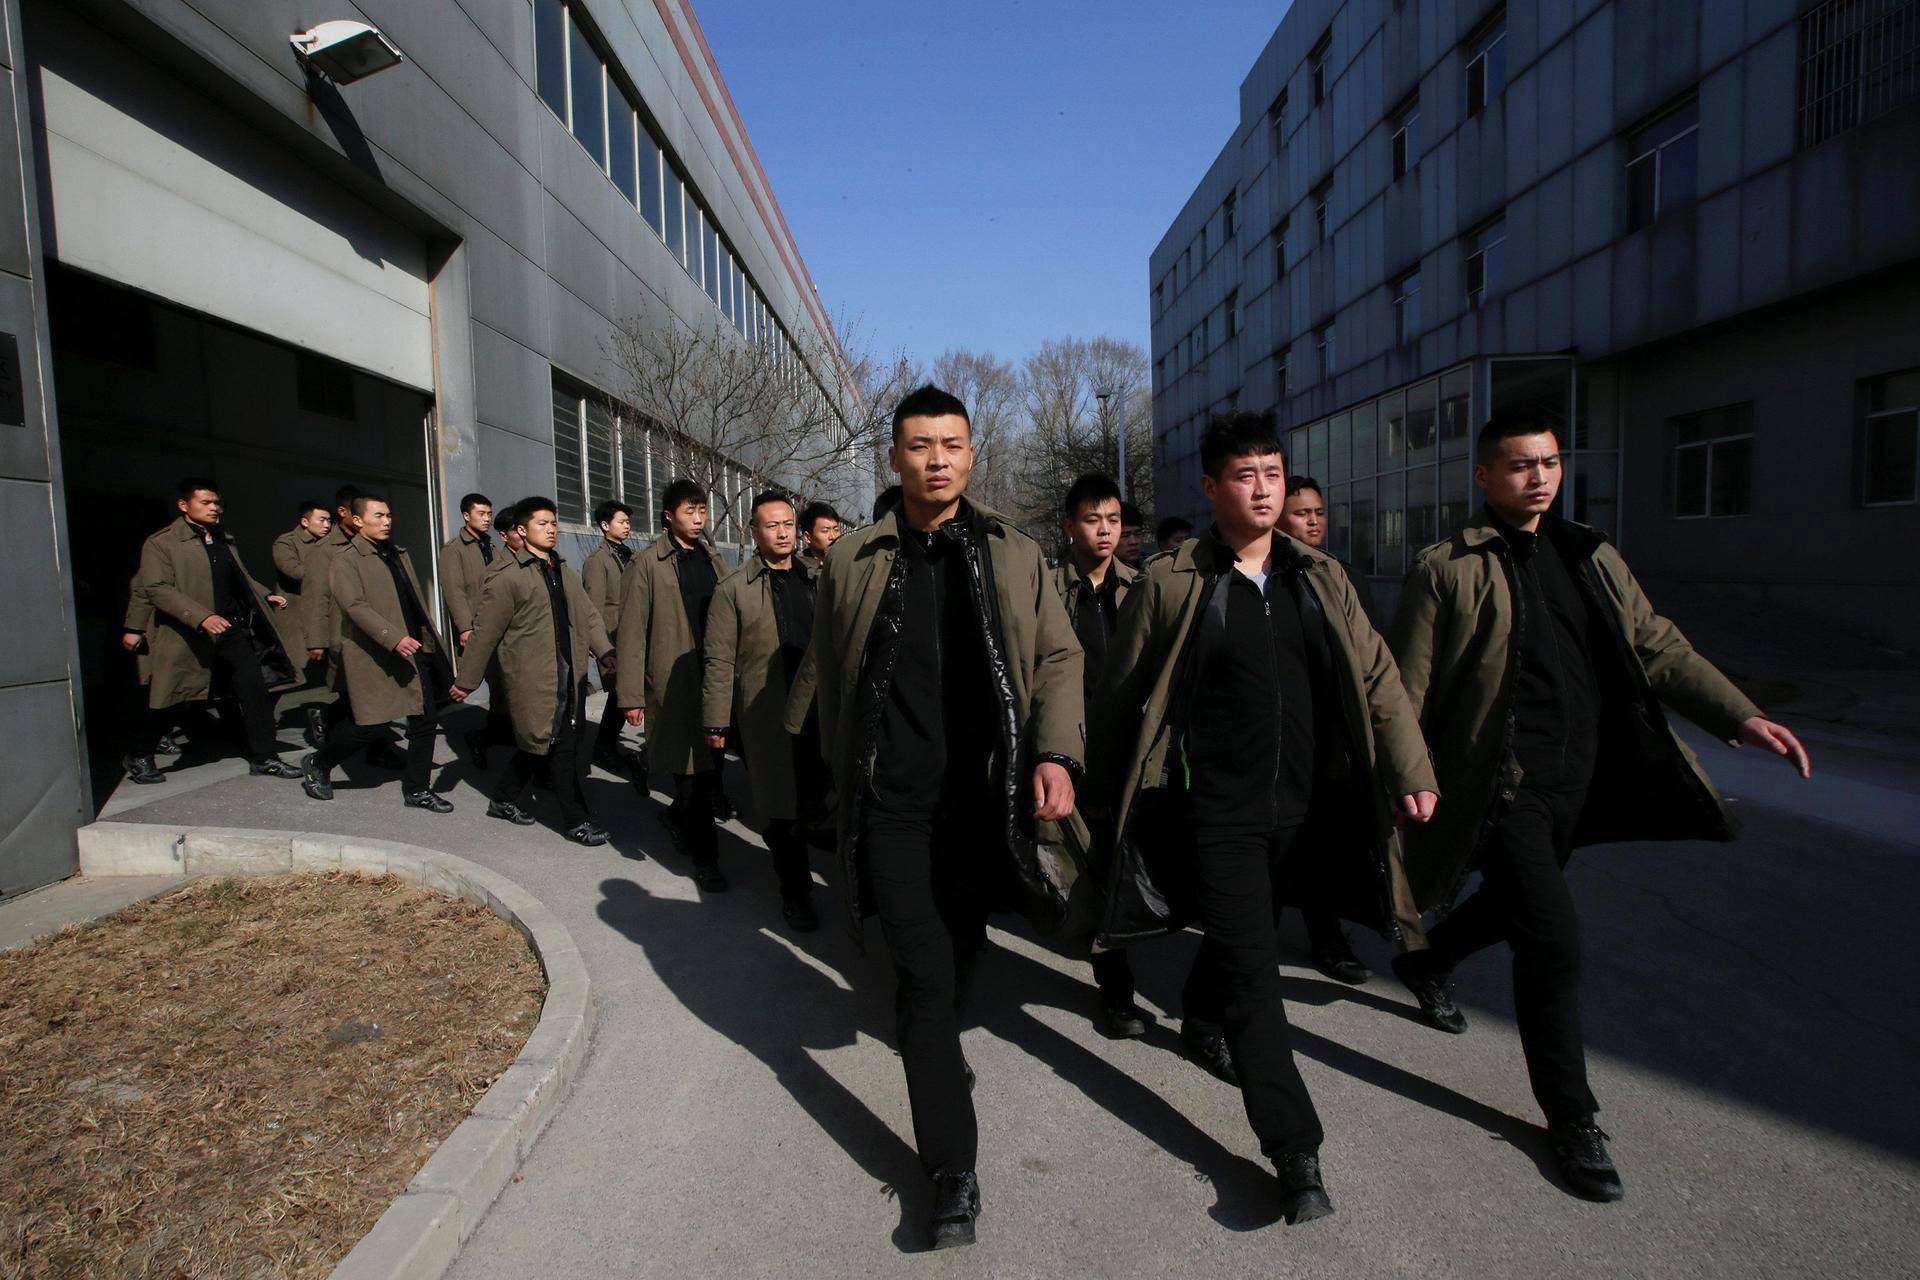 Vartijat marssivat koulutuskeskuksessa Pekingin ulkopuolella.